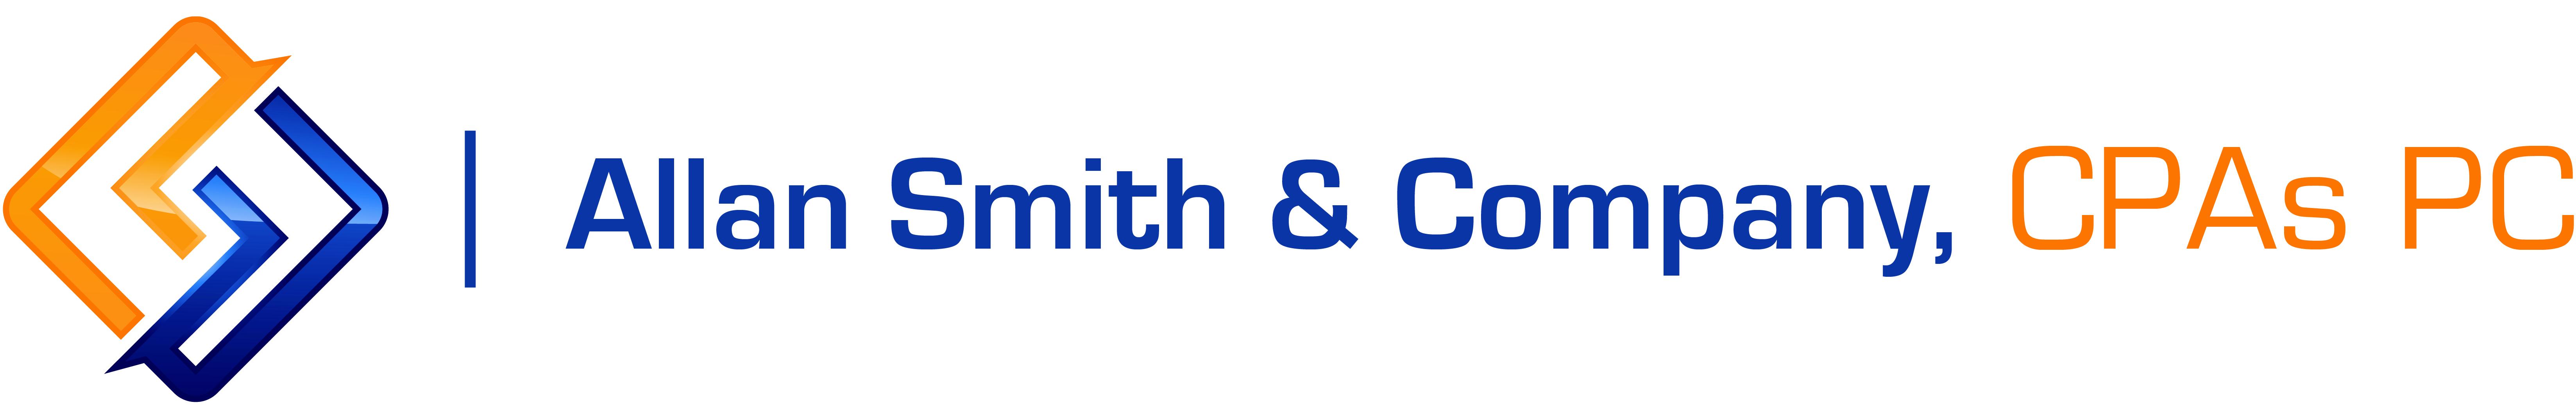 Allan Smith & Company, CPAs PC